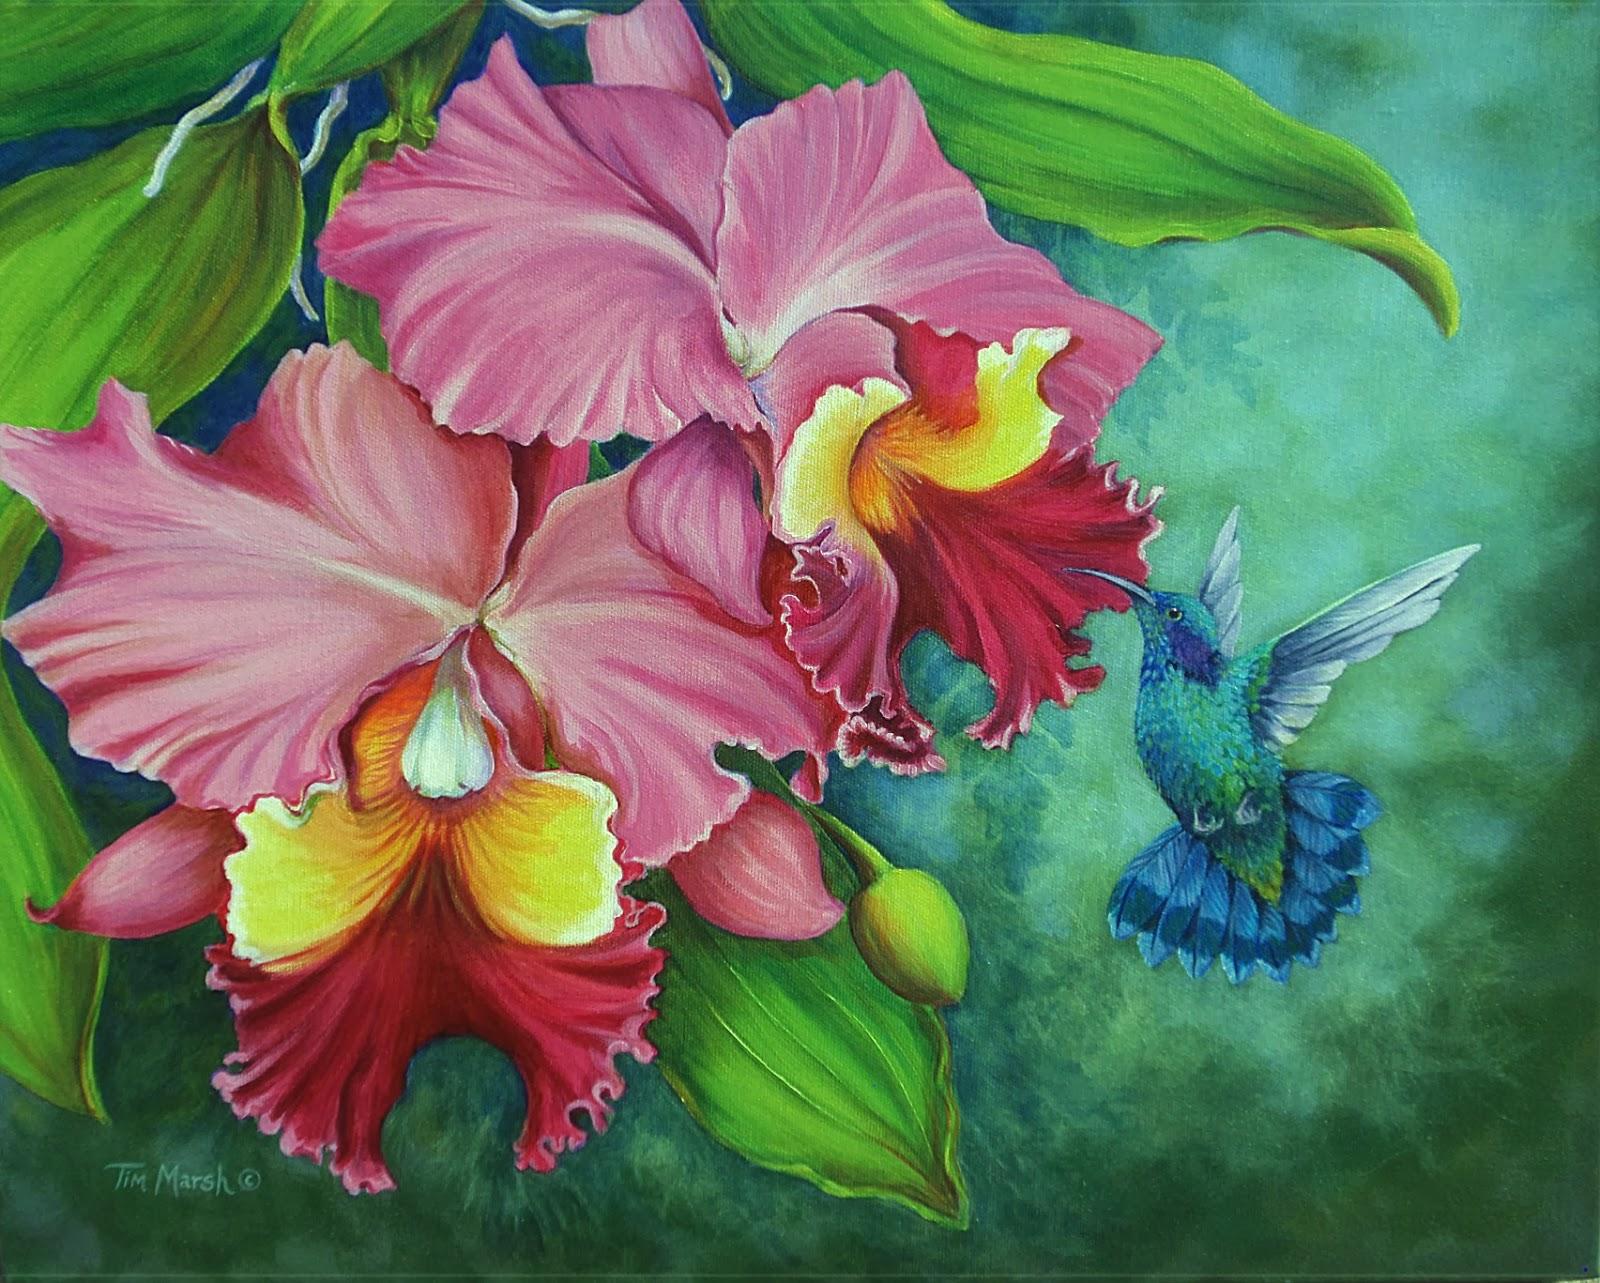 Tim Marsh Nature Artist New Painting